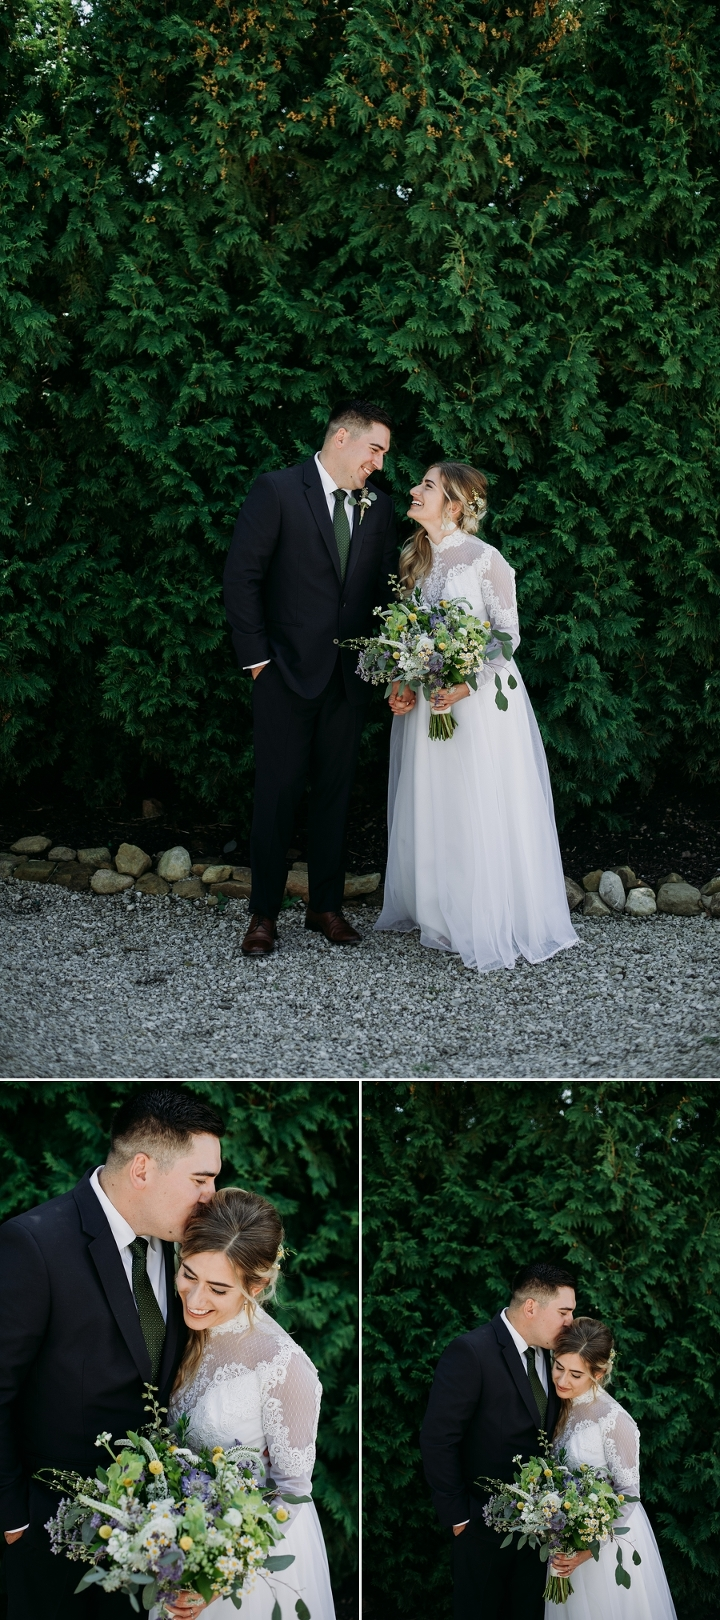 Kelsey + Seth Married 10